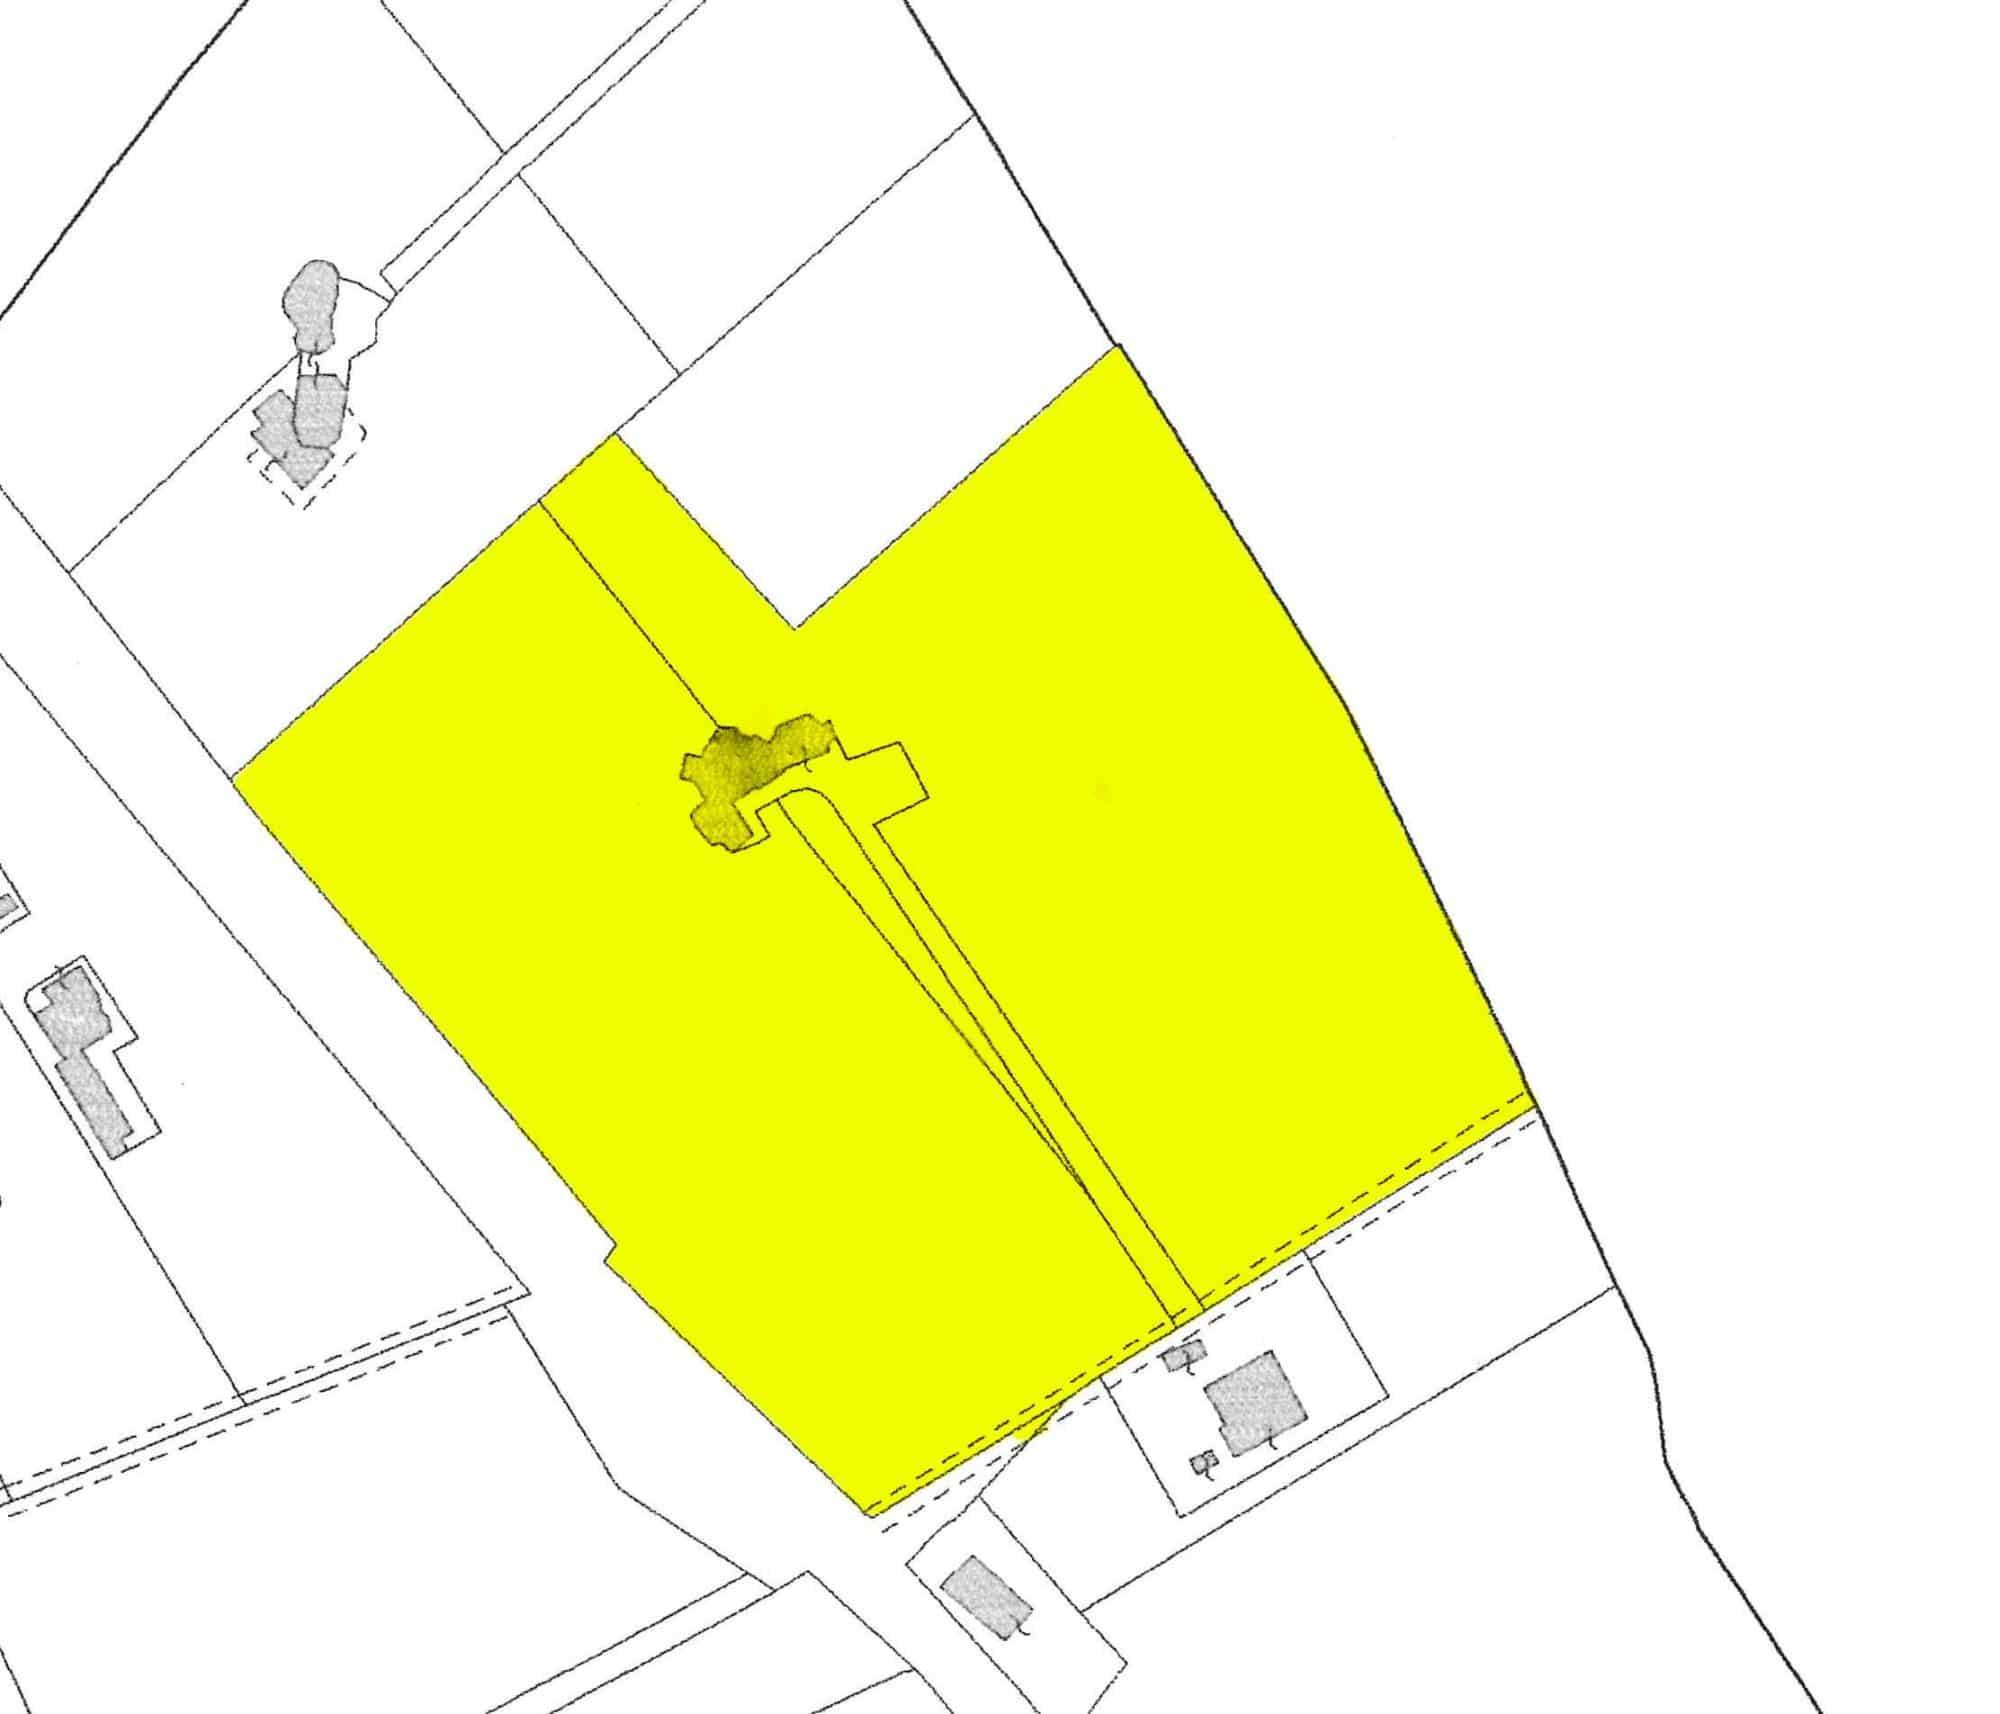 Vendita trulli abitabili – Contrada Epifani, Ceglie Messapica (Brindisi)